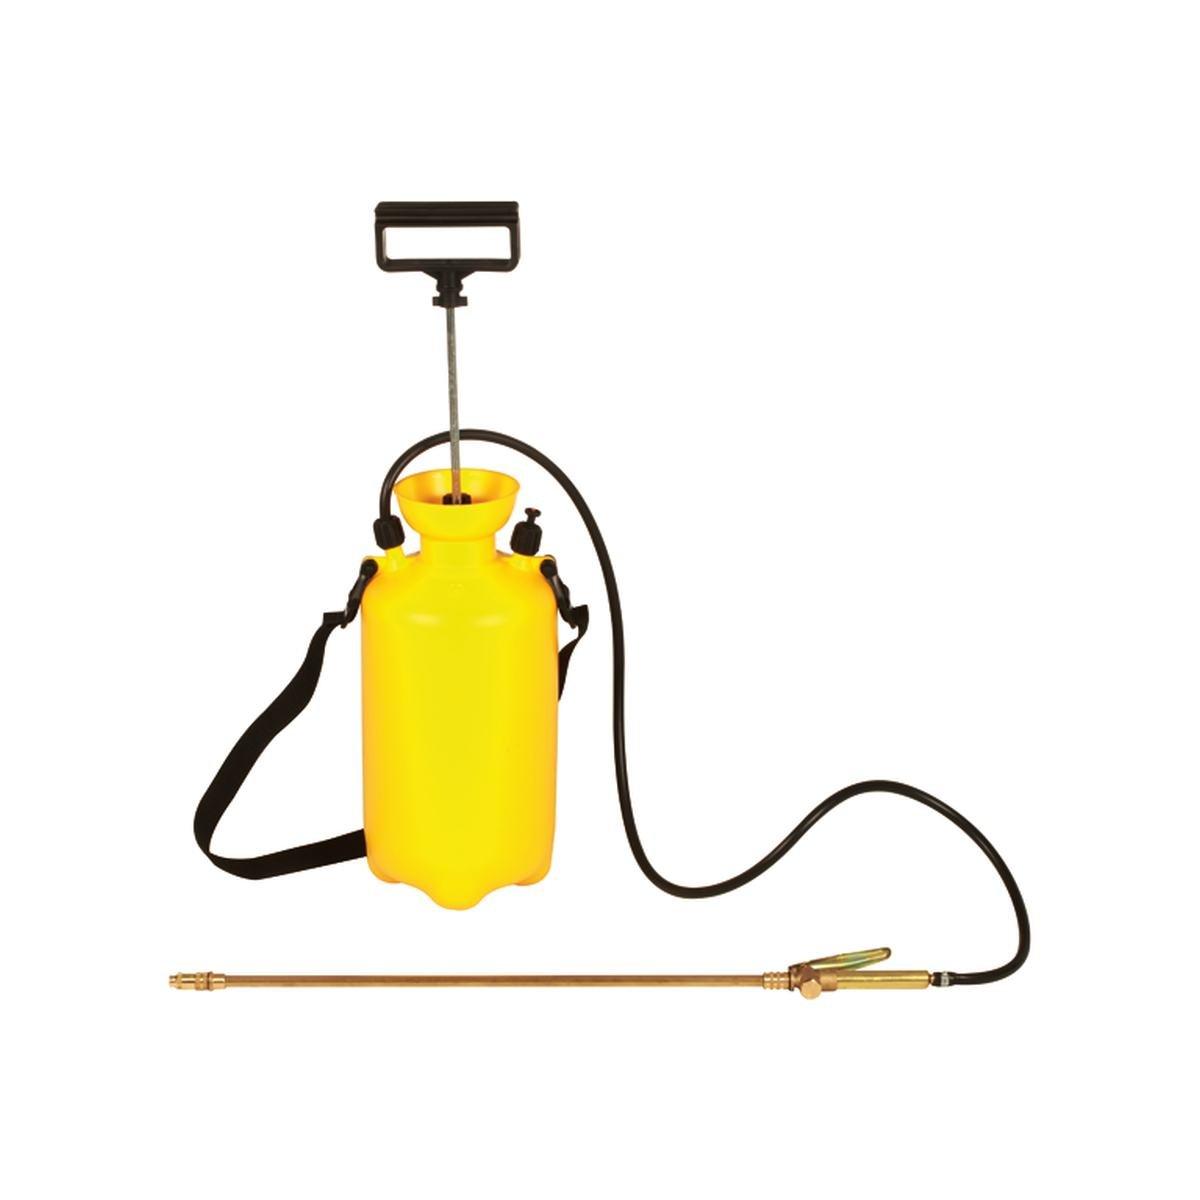 Trykksprøyte 5 liter profesjonell